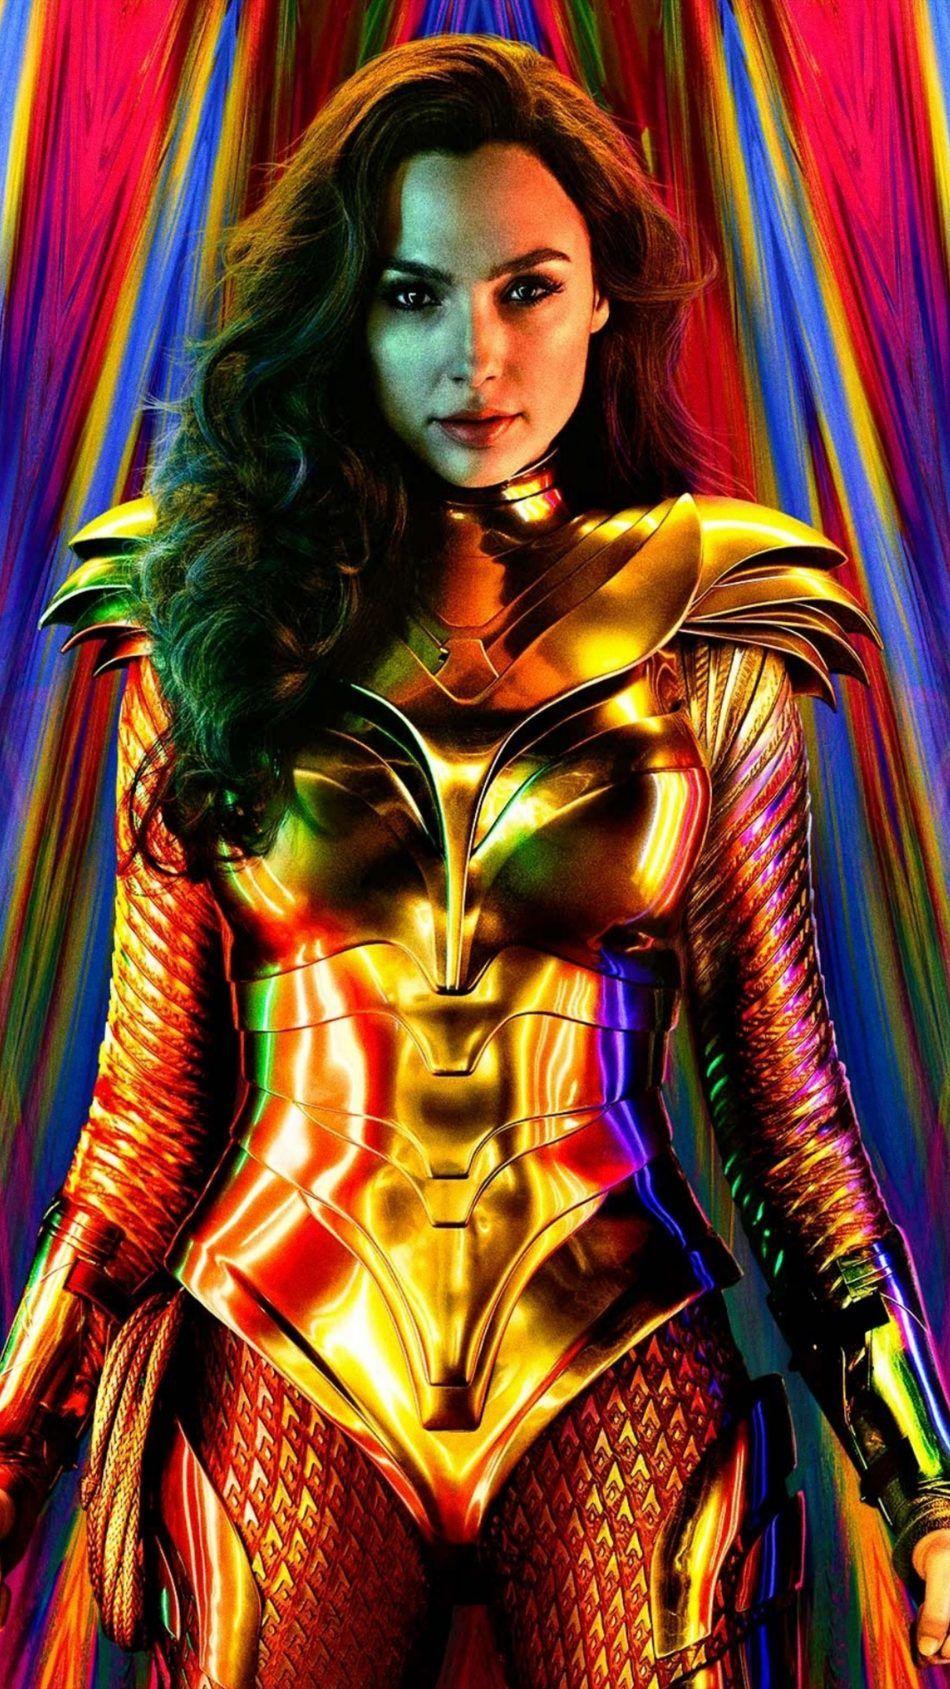 Gal Gadot In Wonder Woman 1984 Gal Gadot Wonder Woman Wonder Woman Pictures Wonder Woman